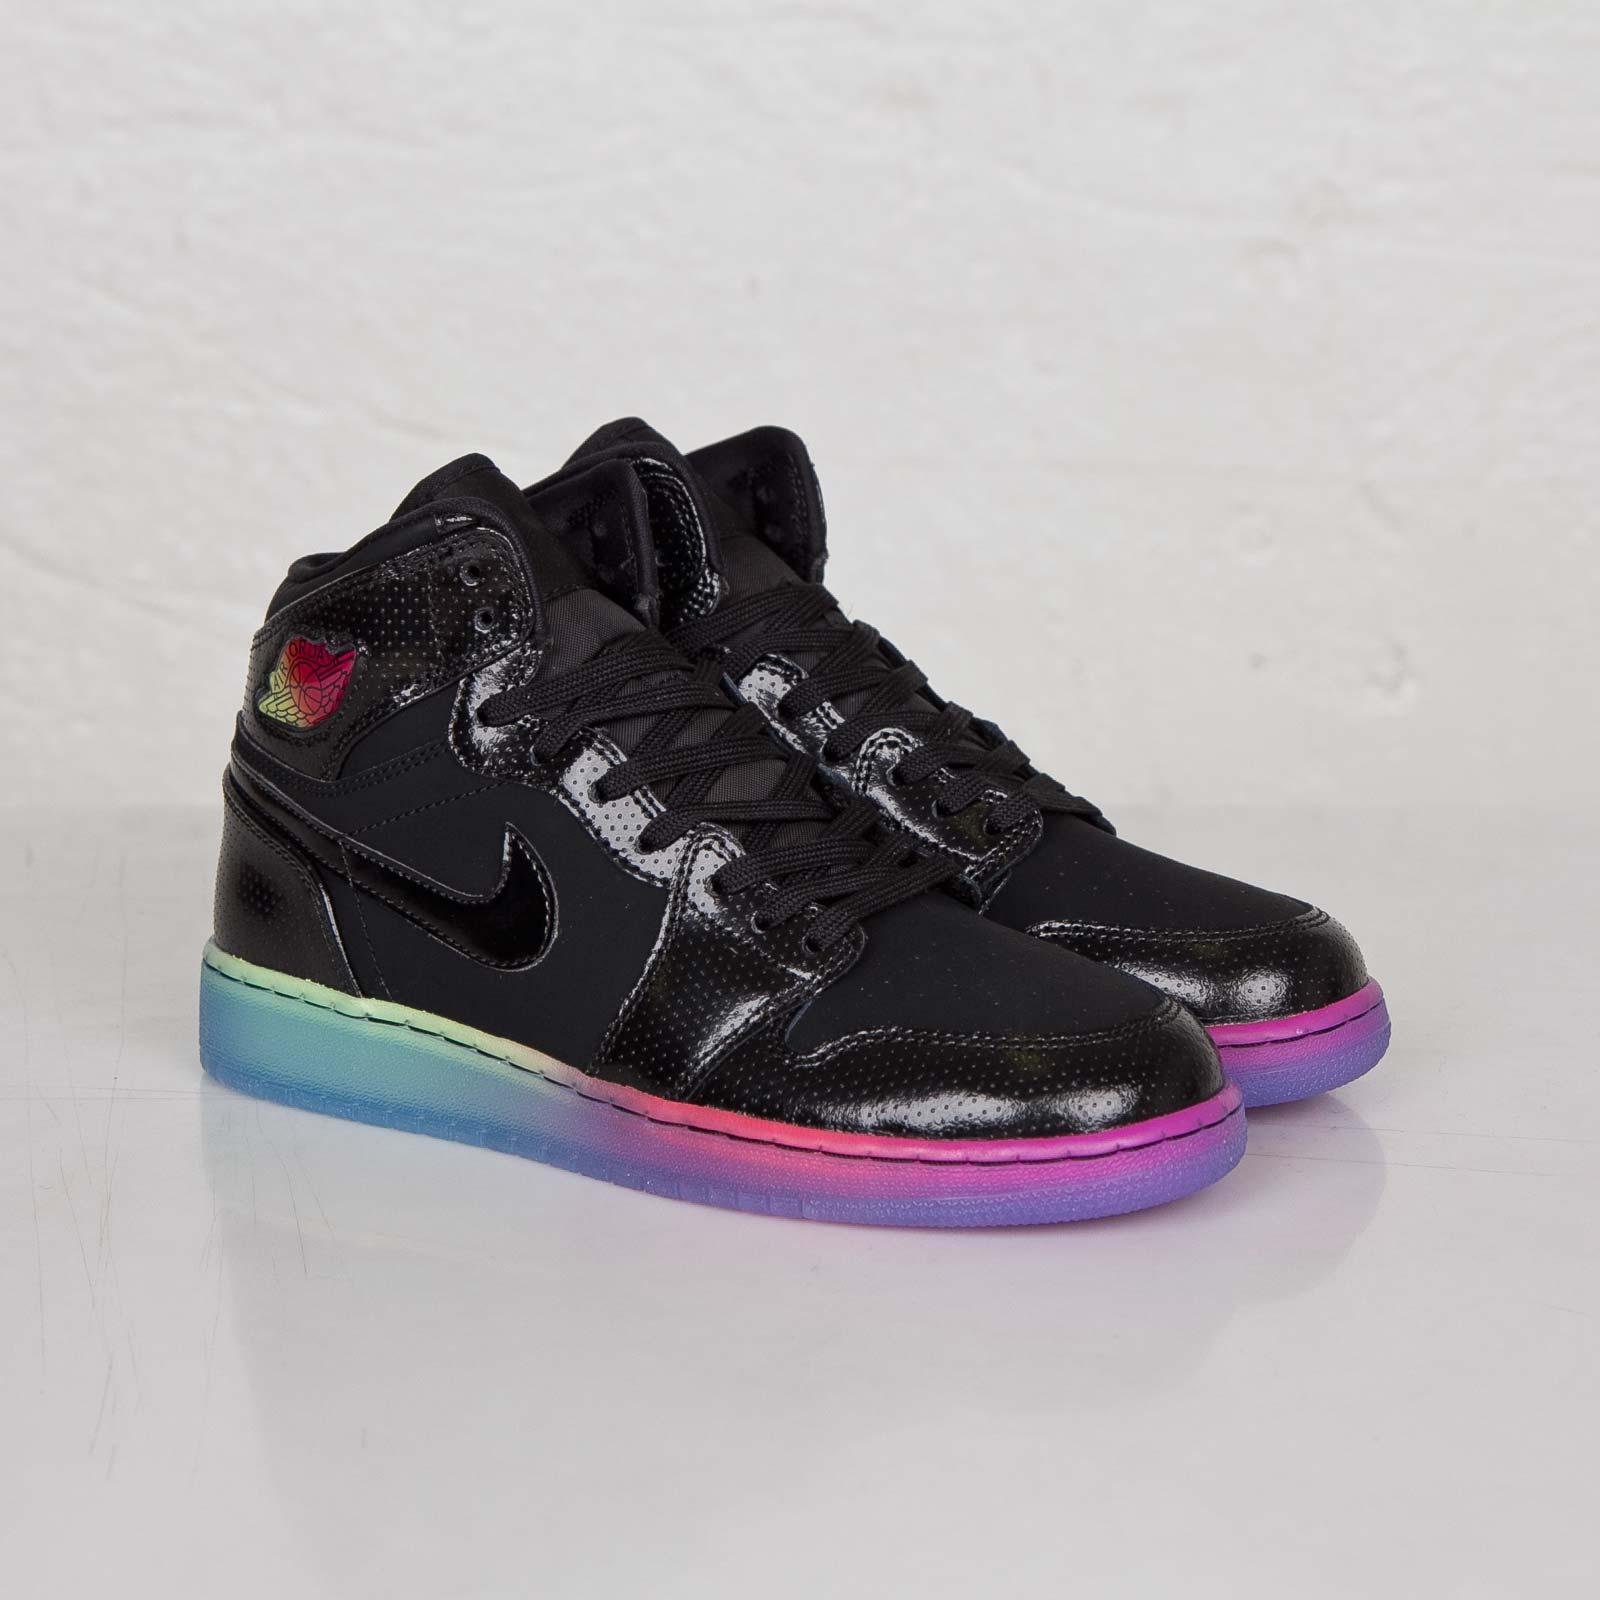 huge selection of 81deb d1c4d Jordan Brand Air Jordan 1 Retro 1 High Premium (GS)